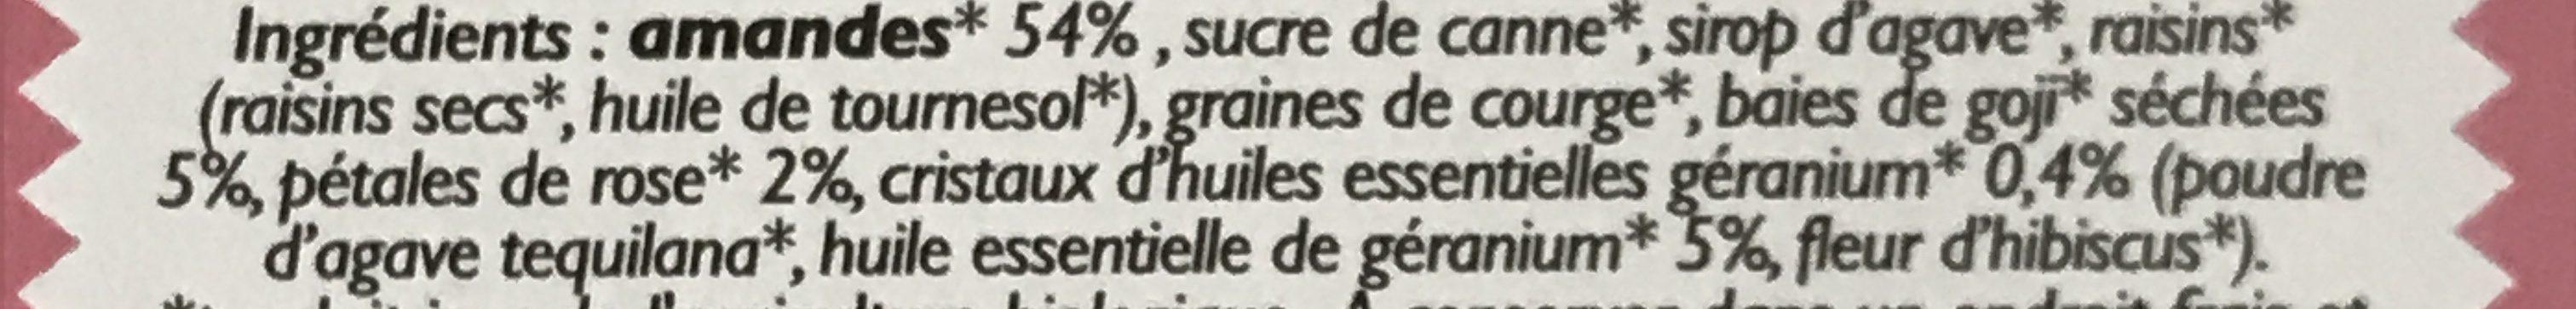 Barres aux amandes, baies de goji, pétales de rose et huile essentielle de géranium - Ingrédients - fr